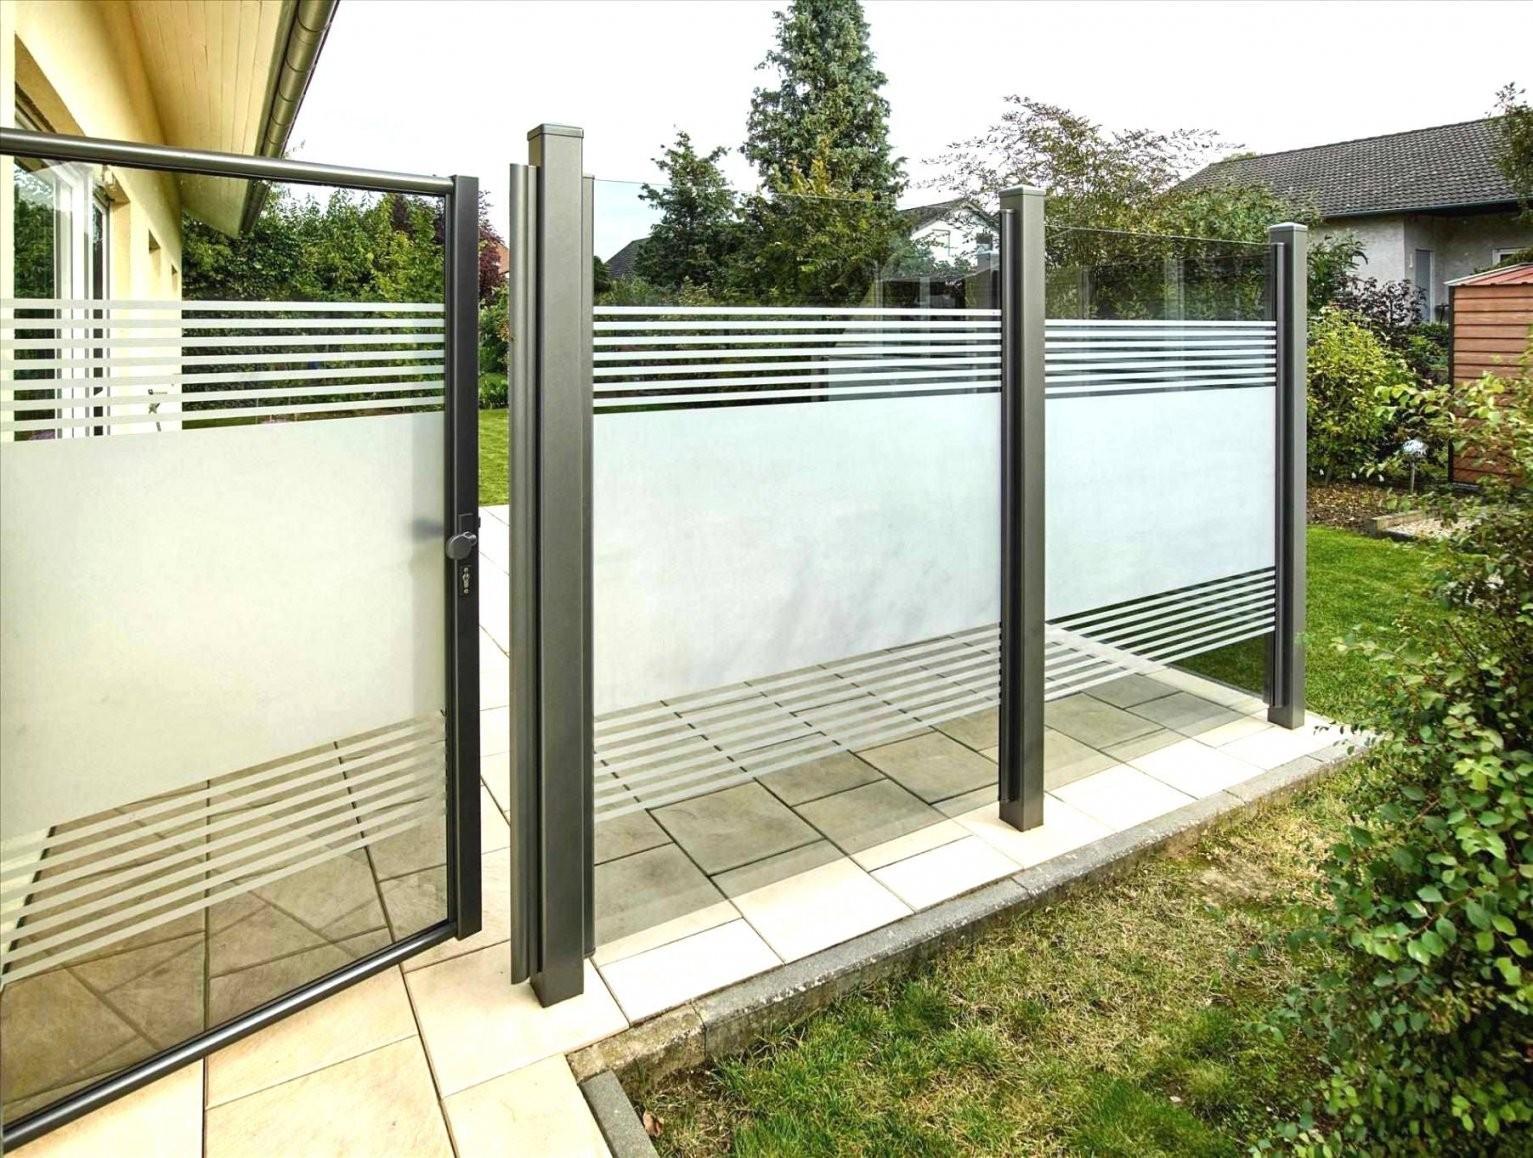 Einzigartig 40 Balkon Sichtschutz Selber Machen Konzept von Sichtschutz Für Balkon Selber Machen Photo